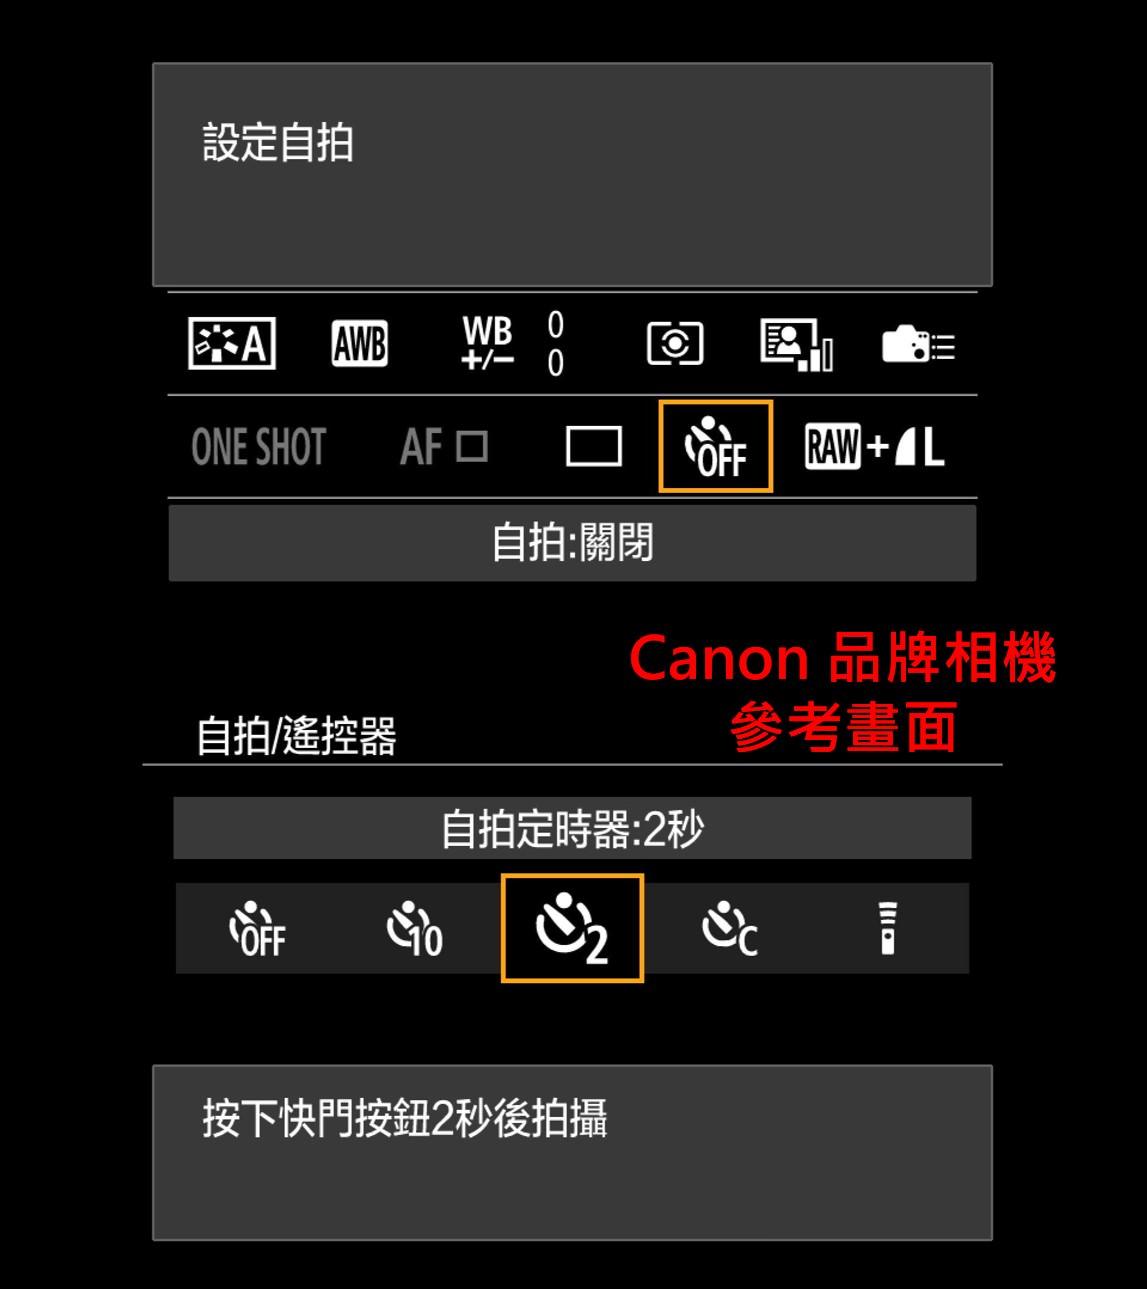 拍攝極光相機設定